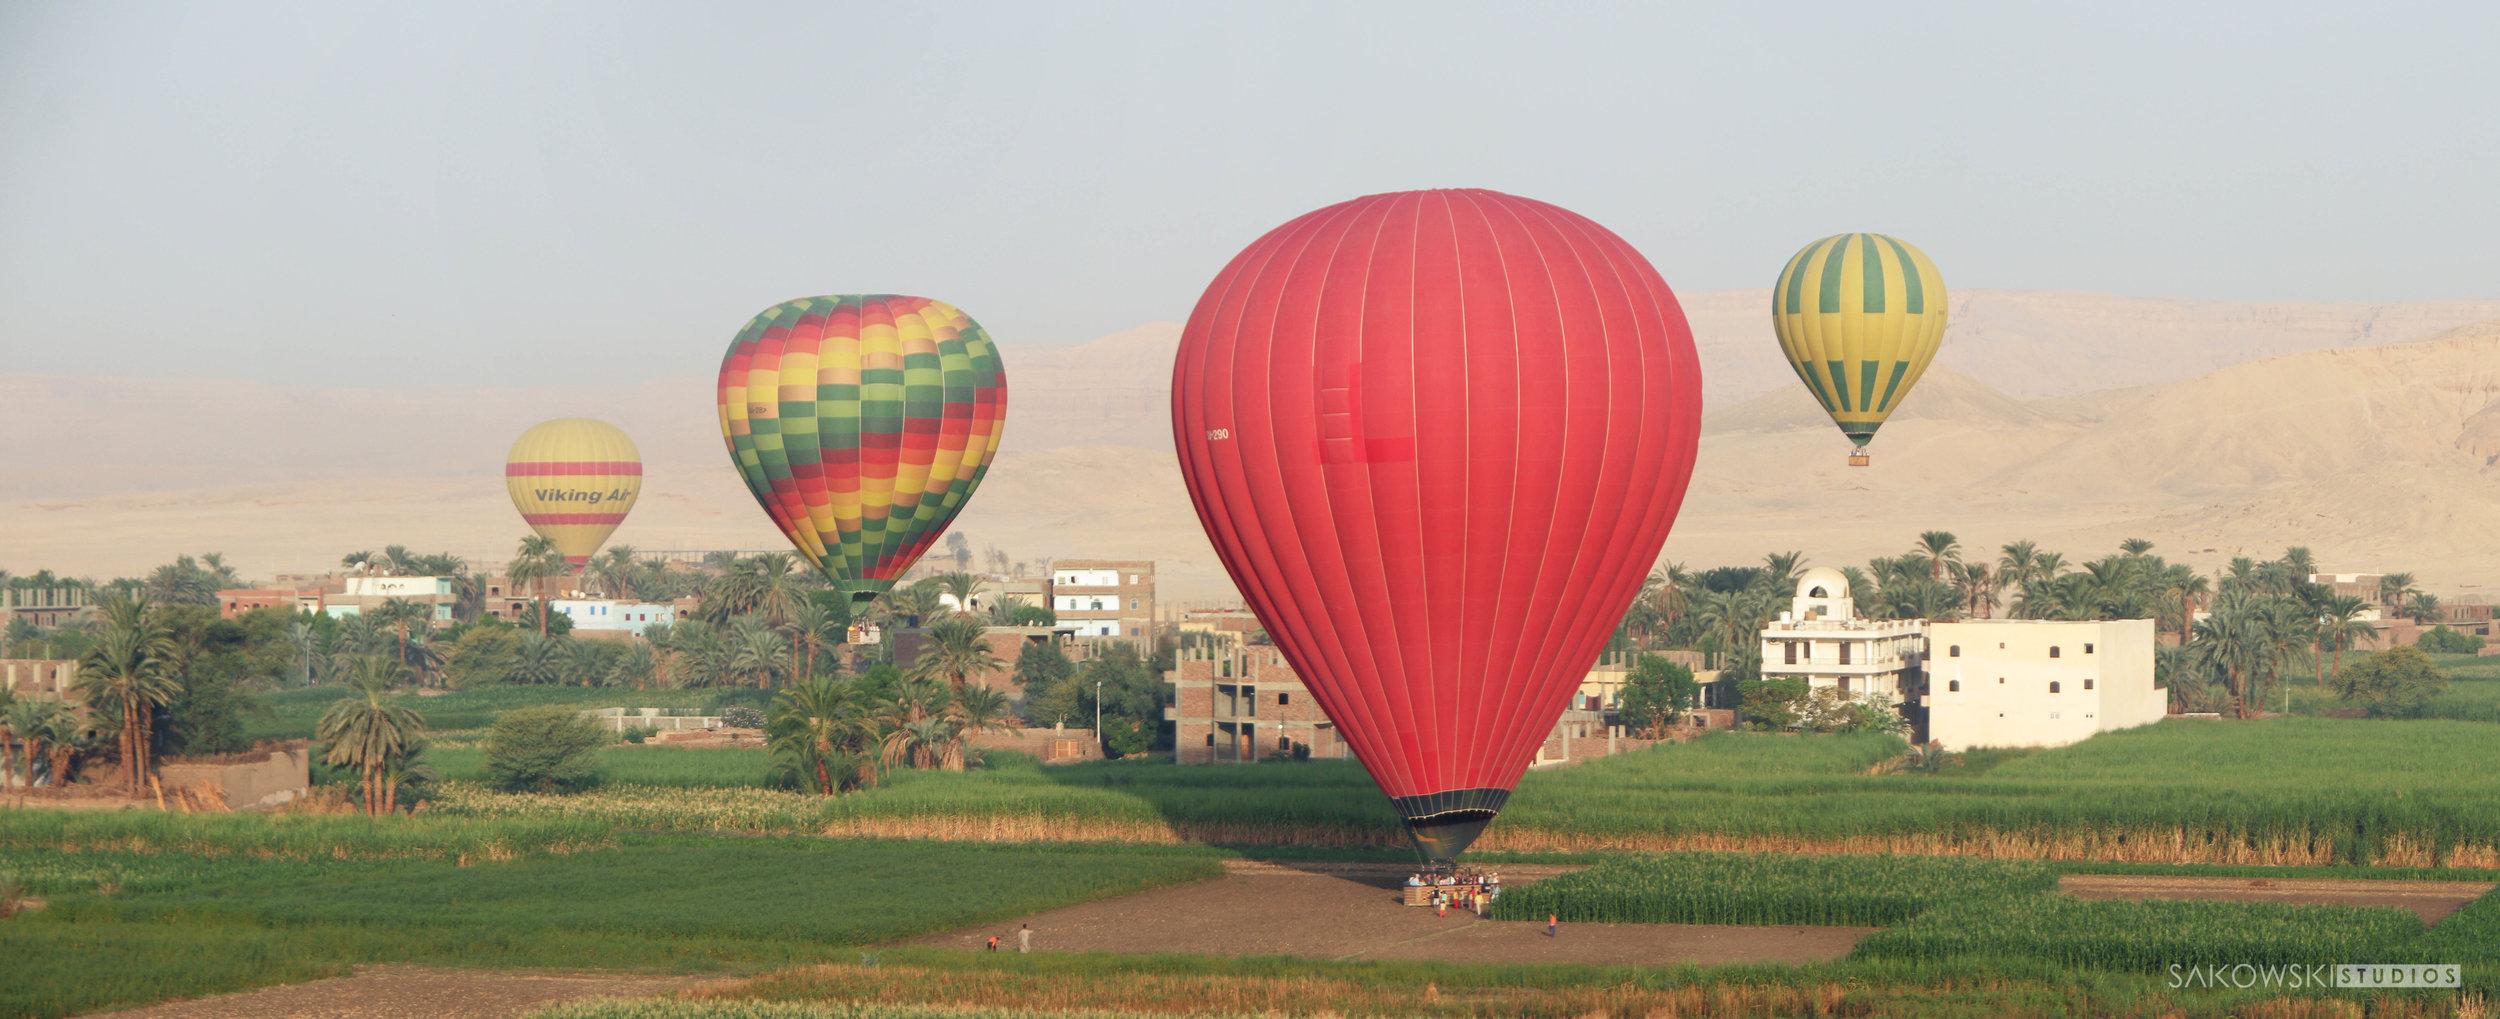 Sakowski_Egypt_08.jpg